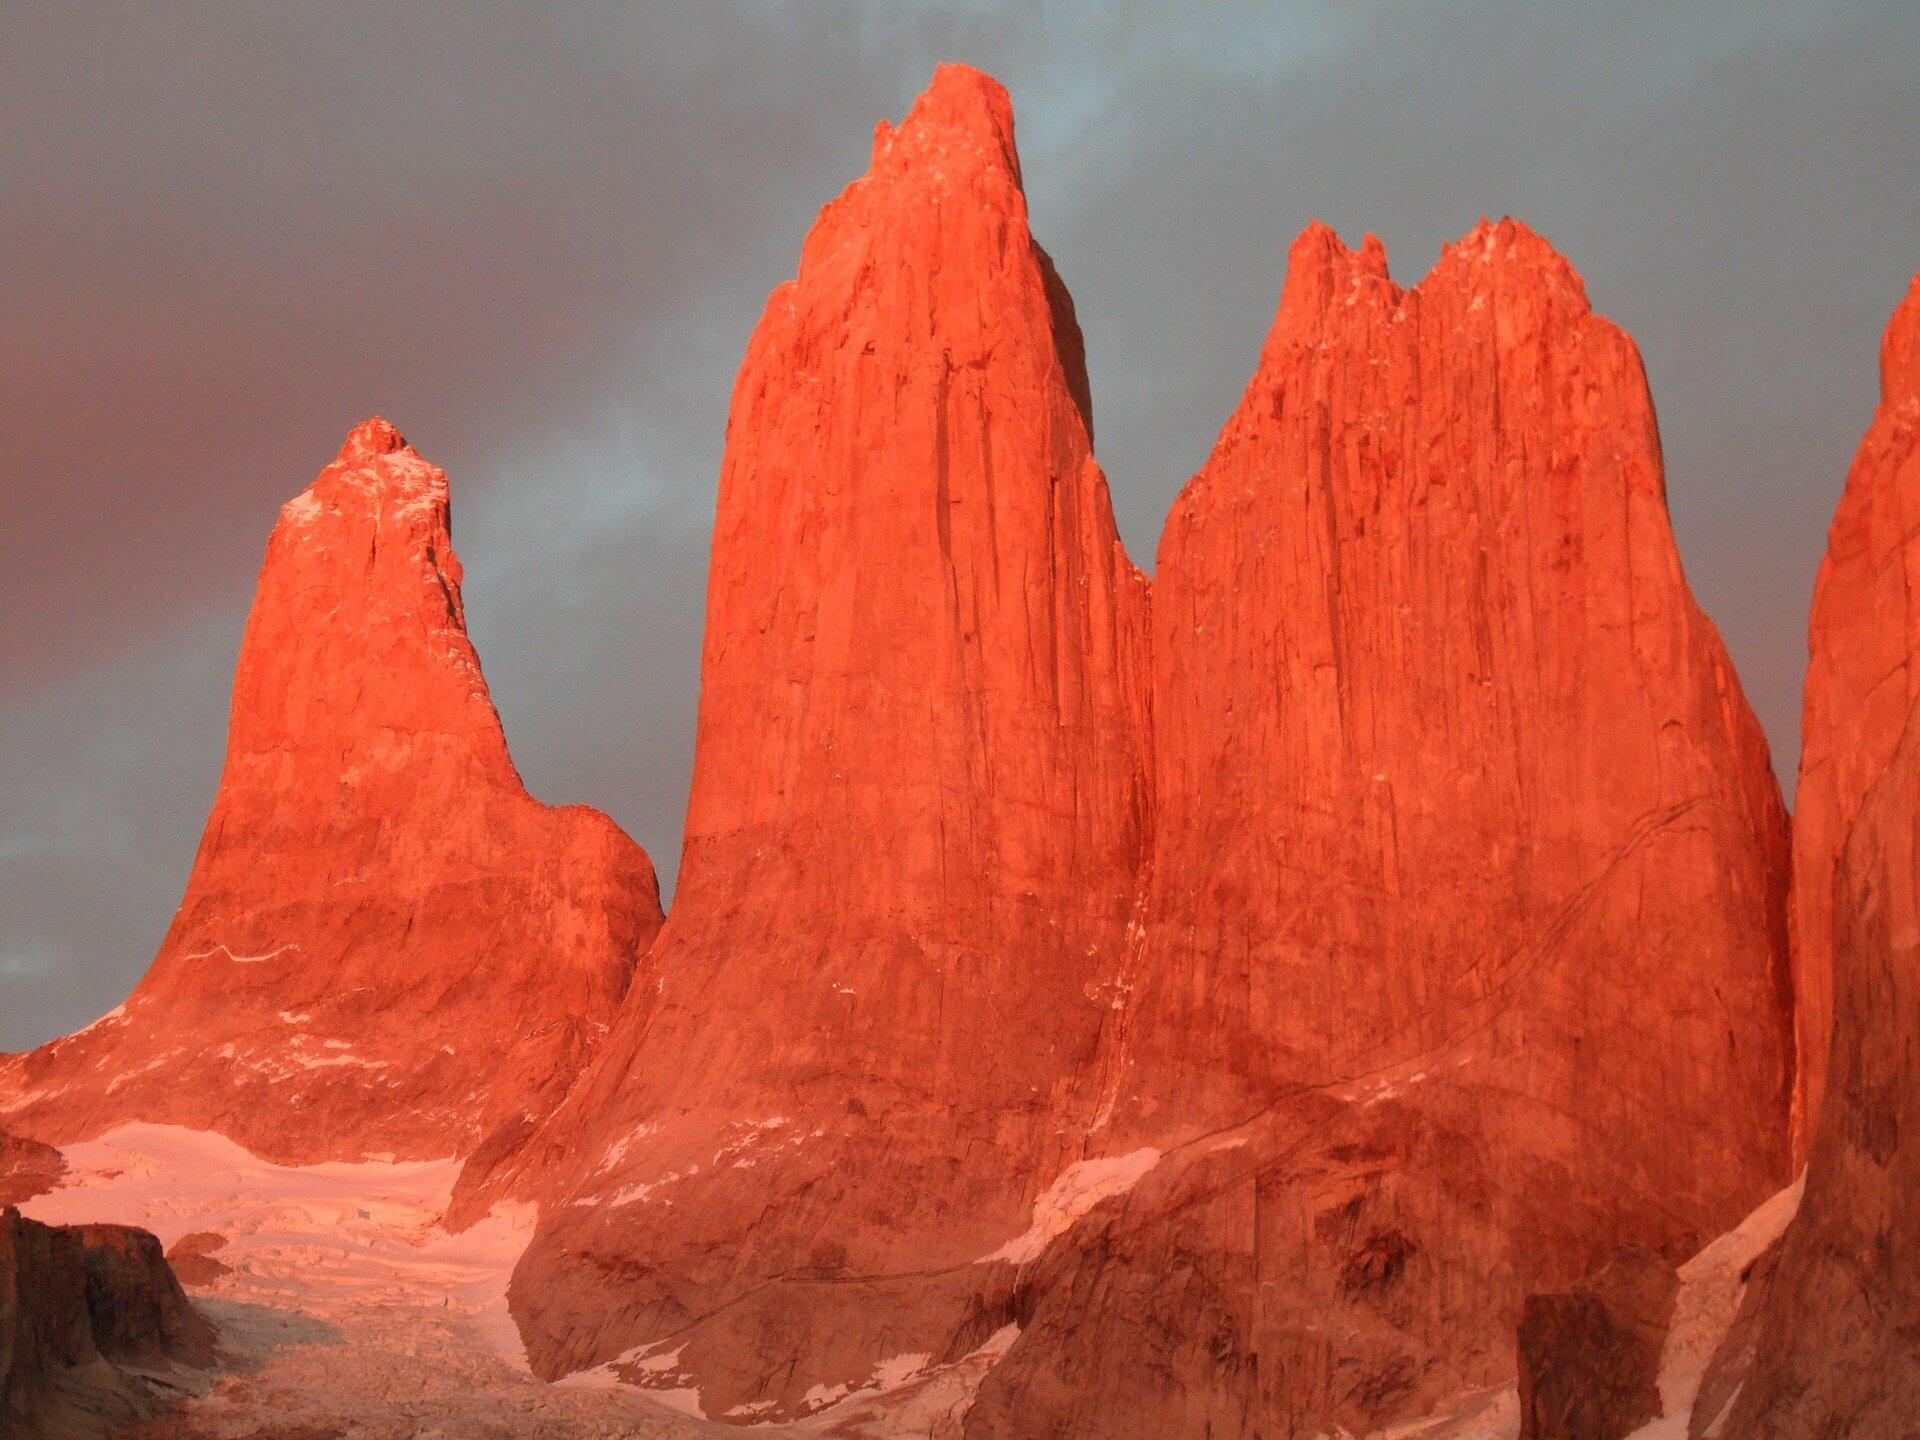 La tan ansiada reapertura del Parque Nacional Torres del Paine